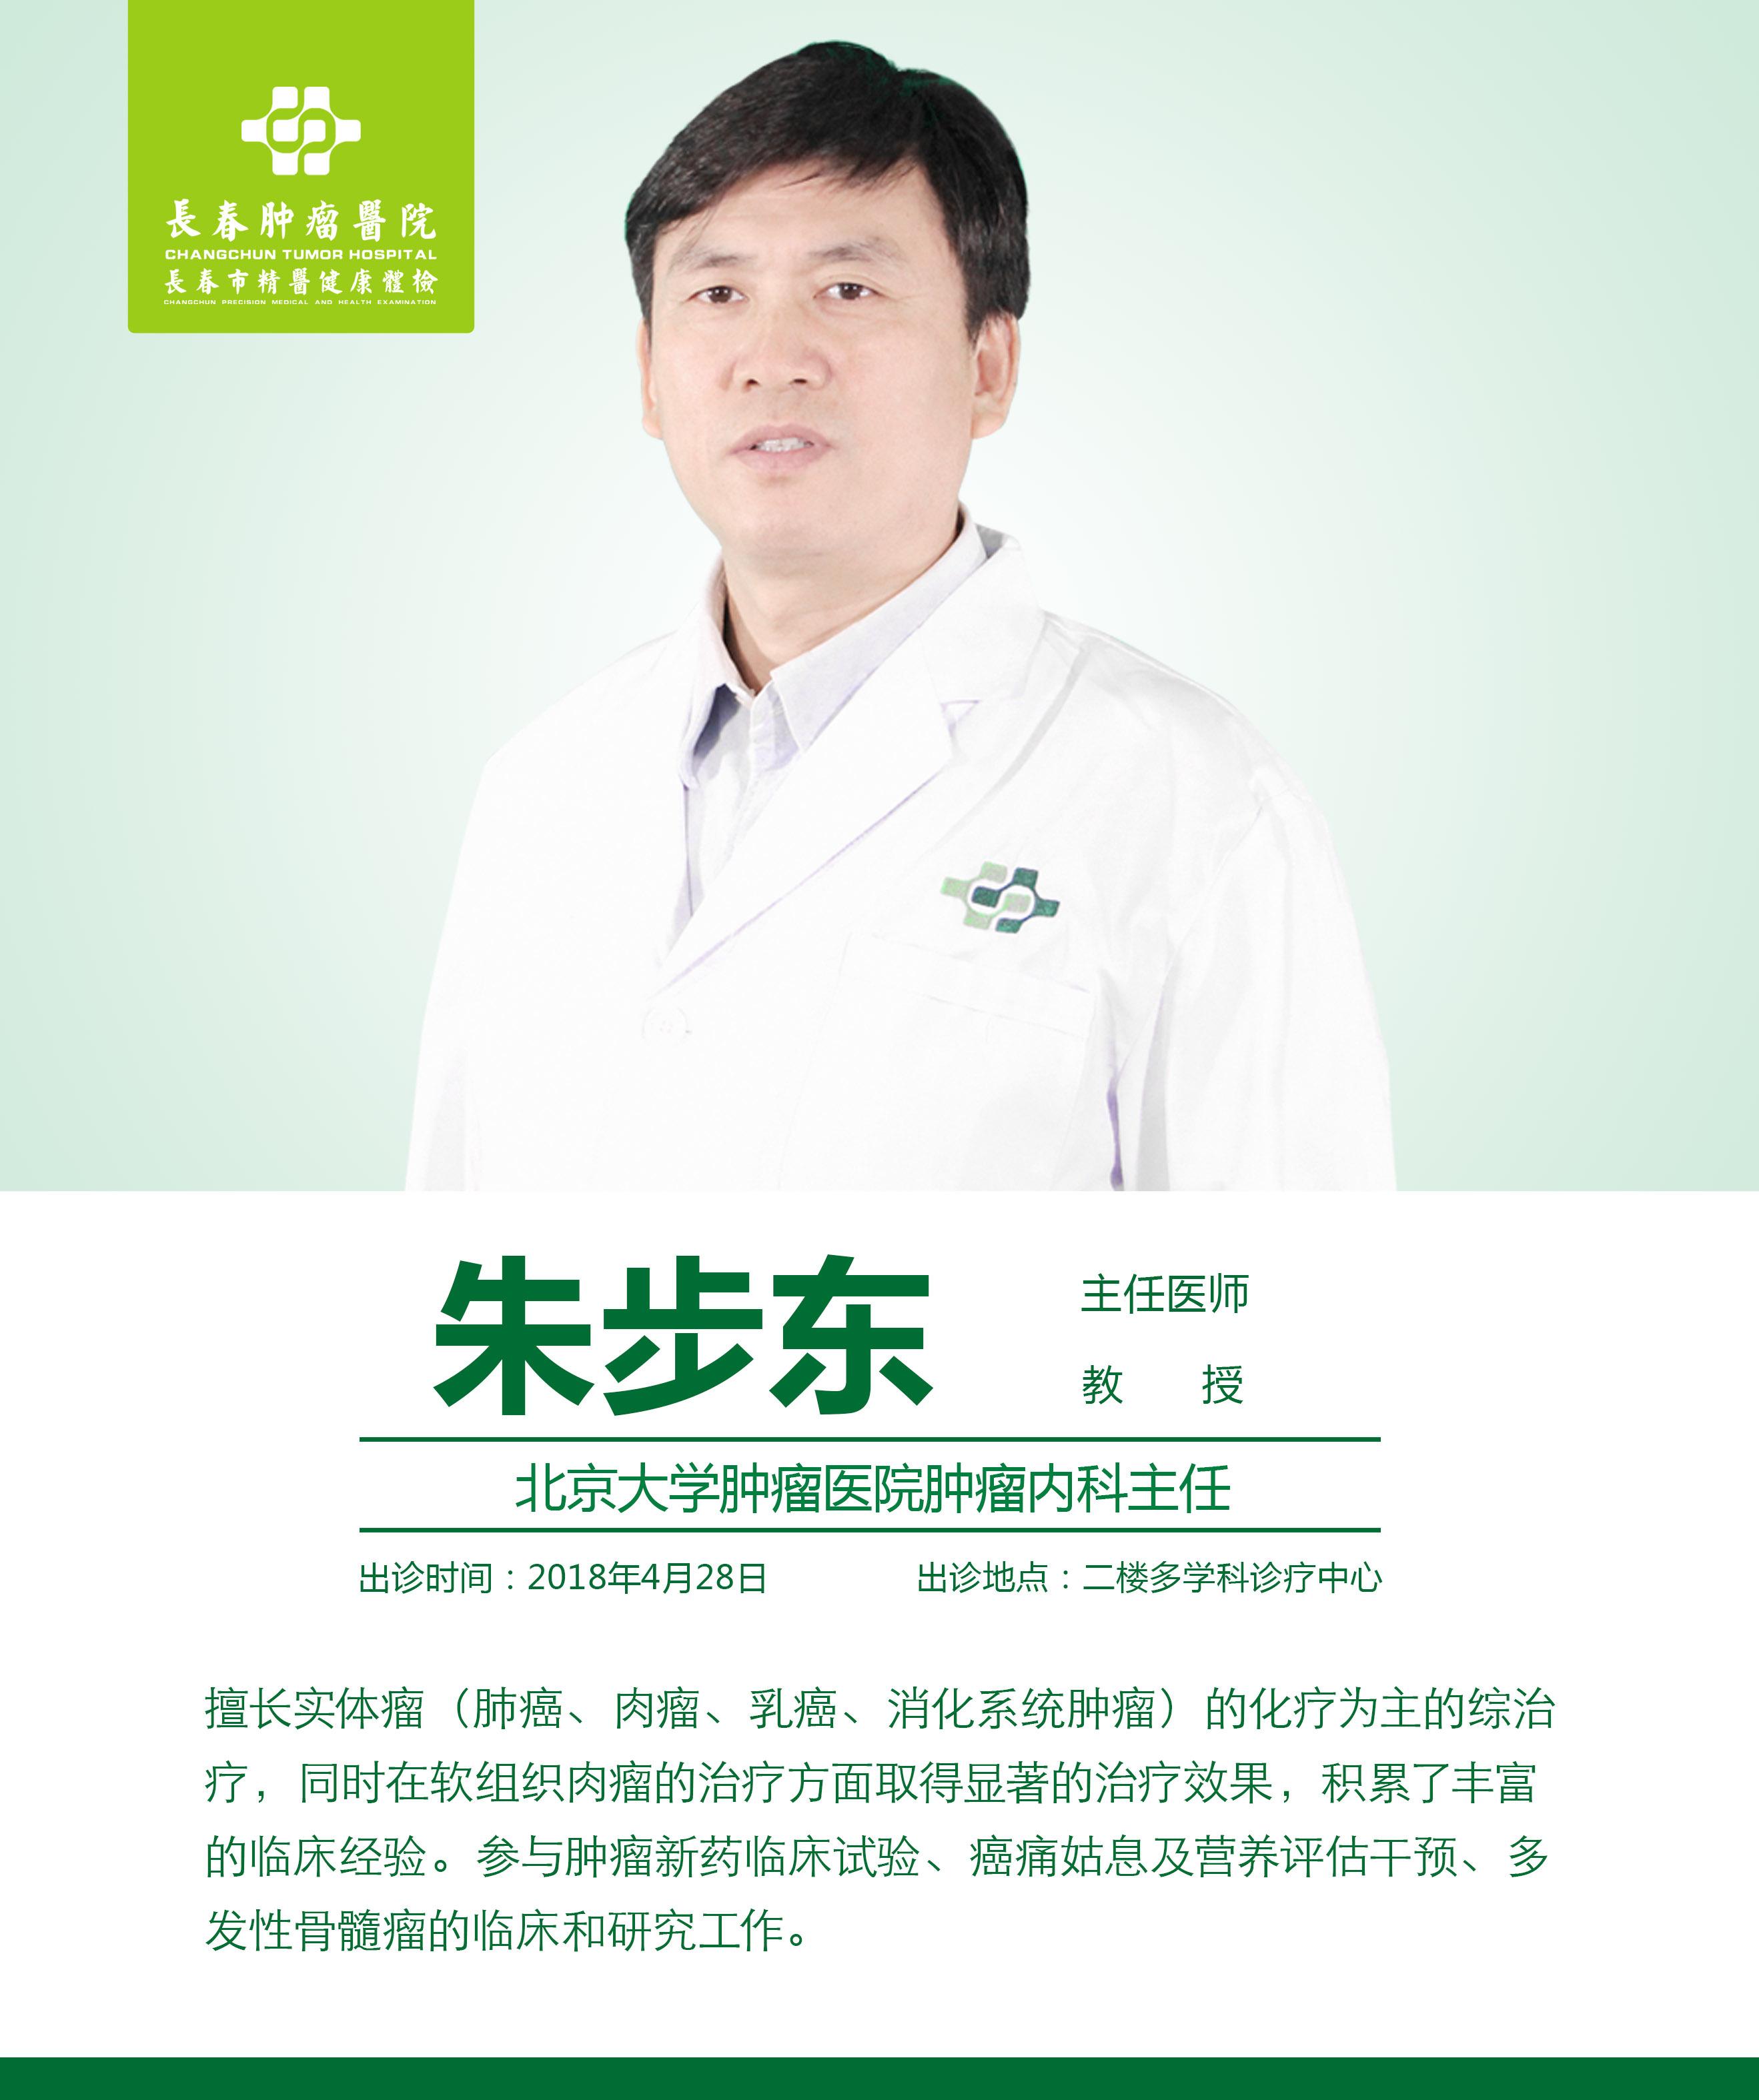 4.28-29 北京专家联合会诊公告